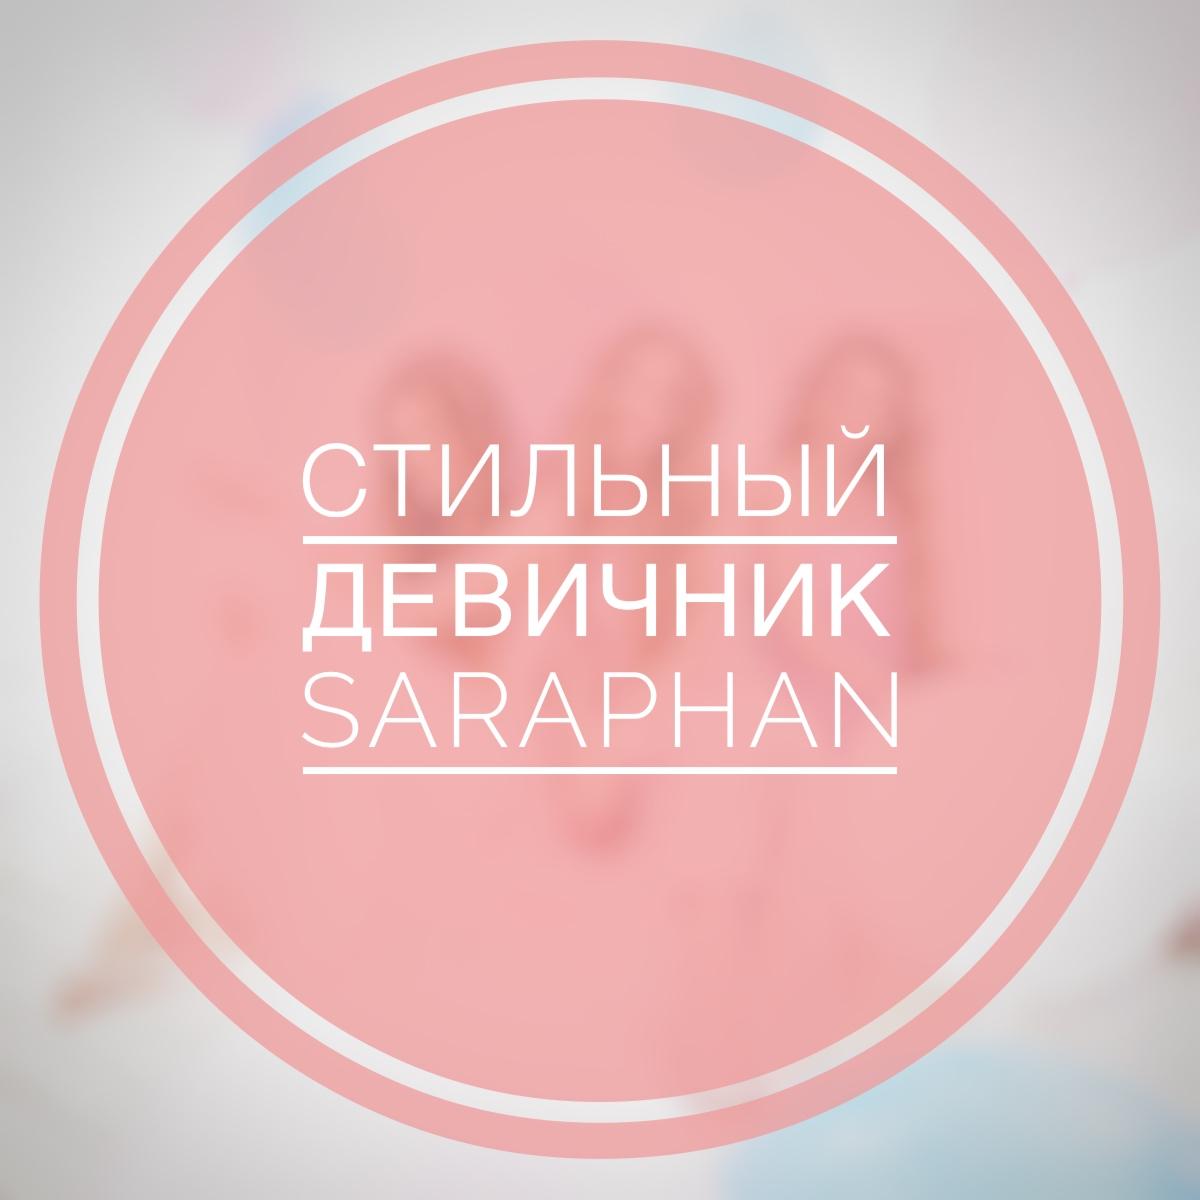 Услуги стилиста Киев, консультация стилиста Киев, разбор гардероба Киев, шоурум женской одежды Киев